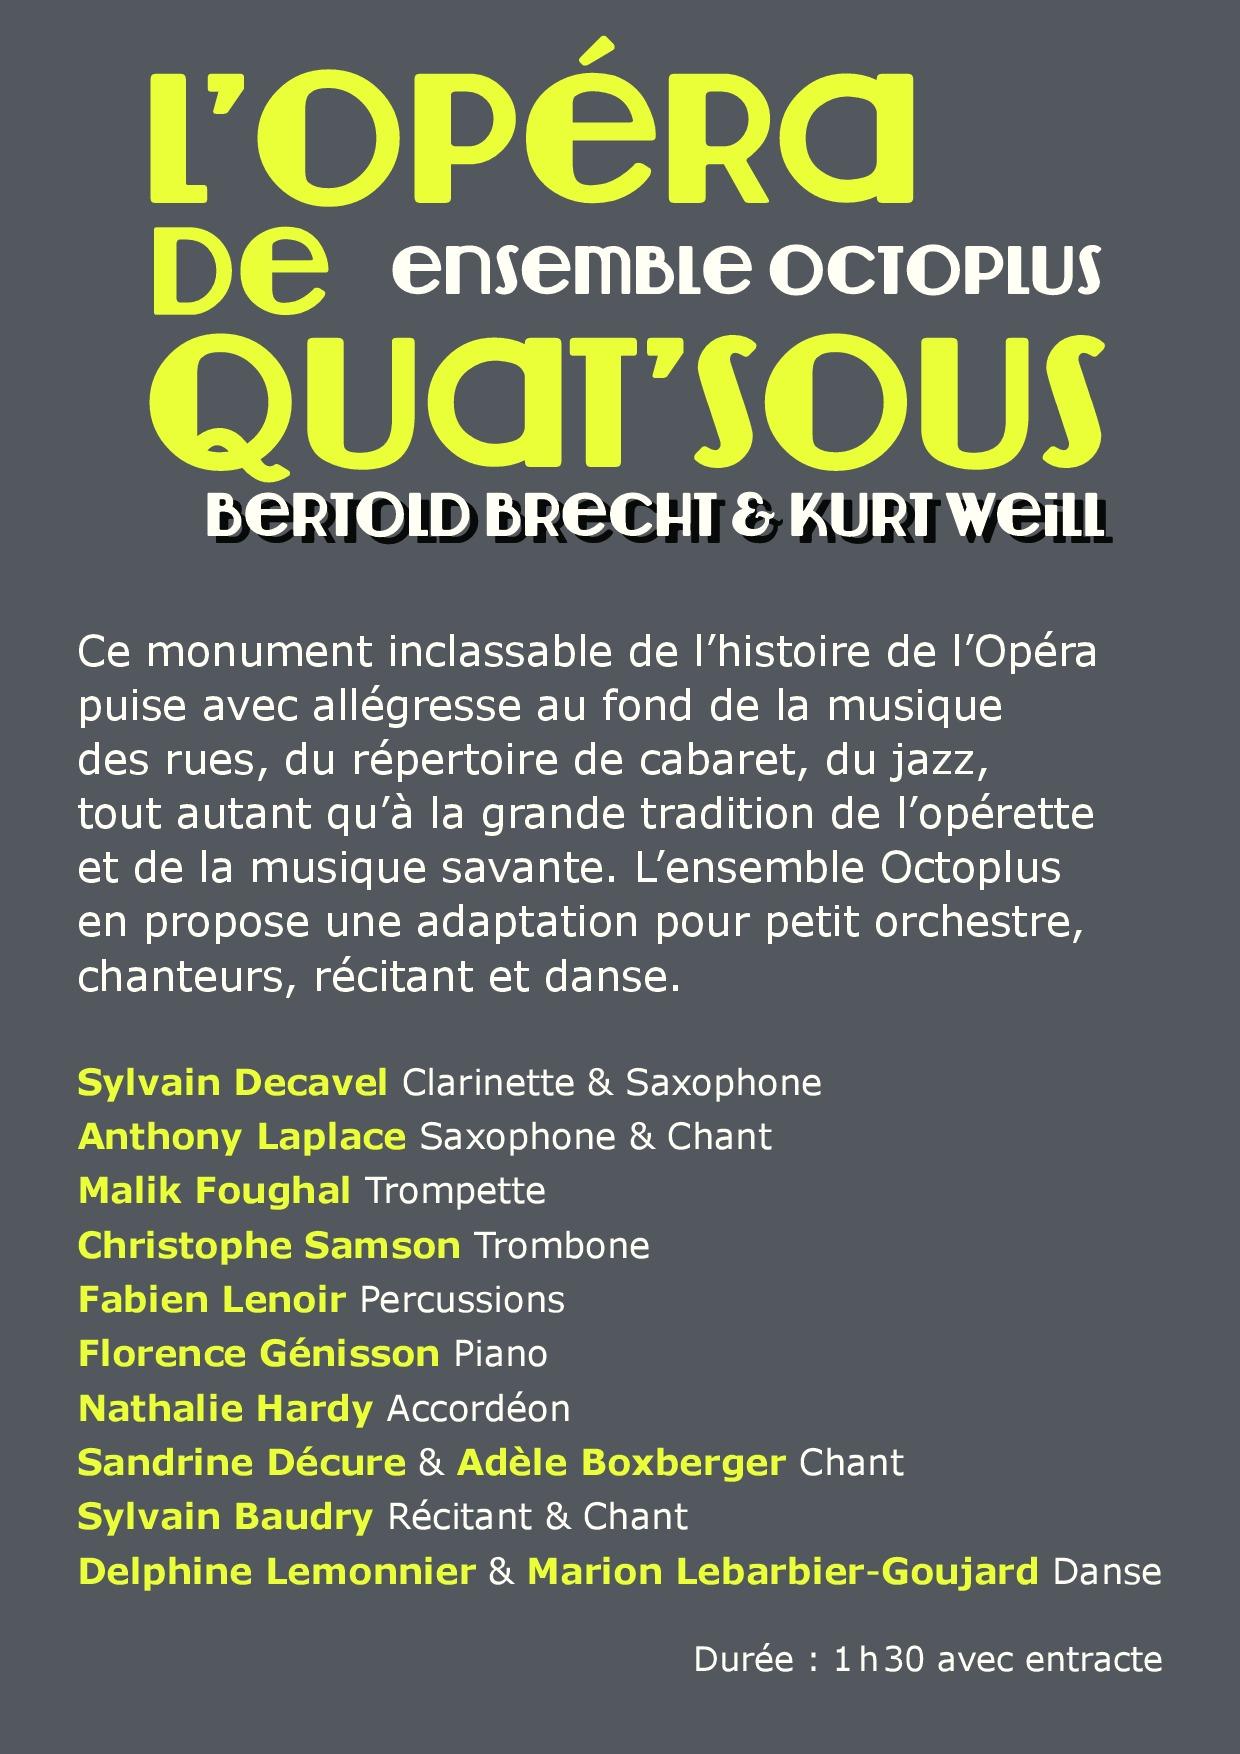 Lopera De Quatsous Flyer-page2